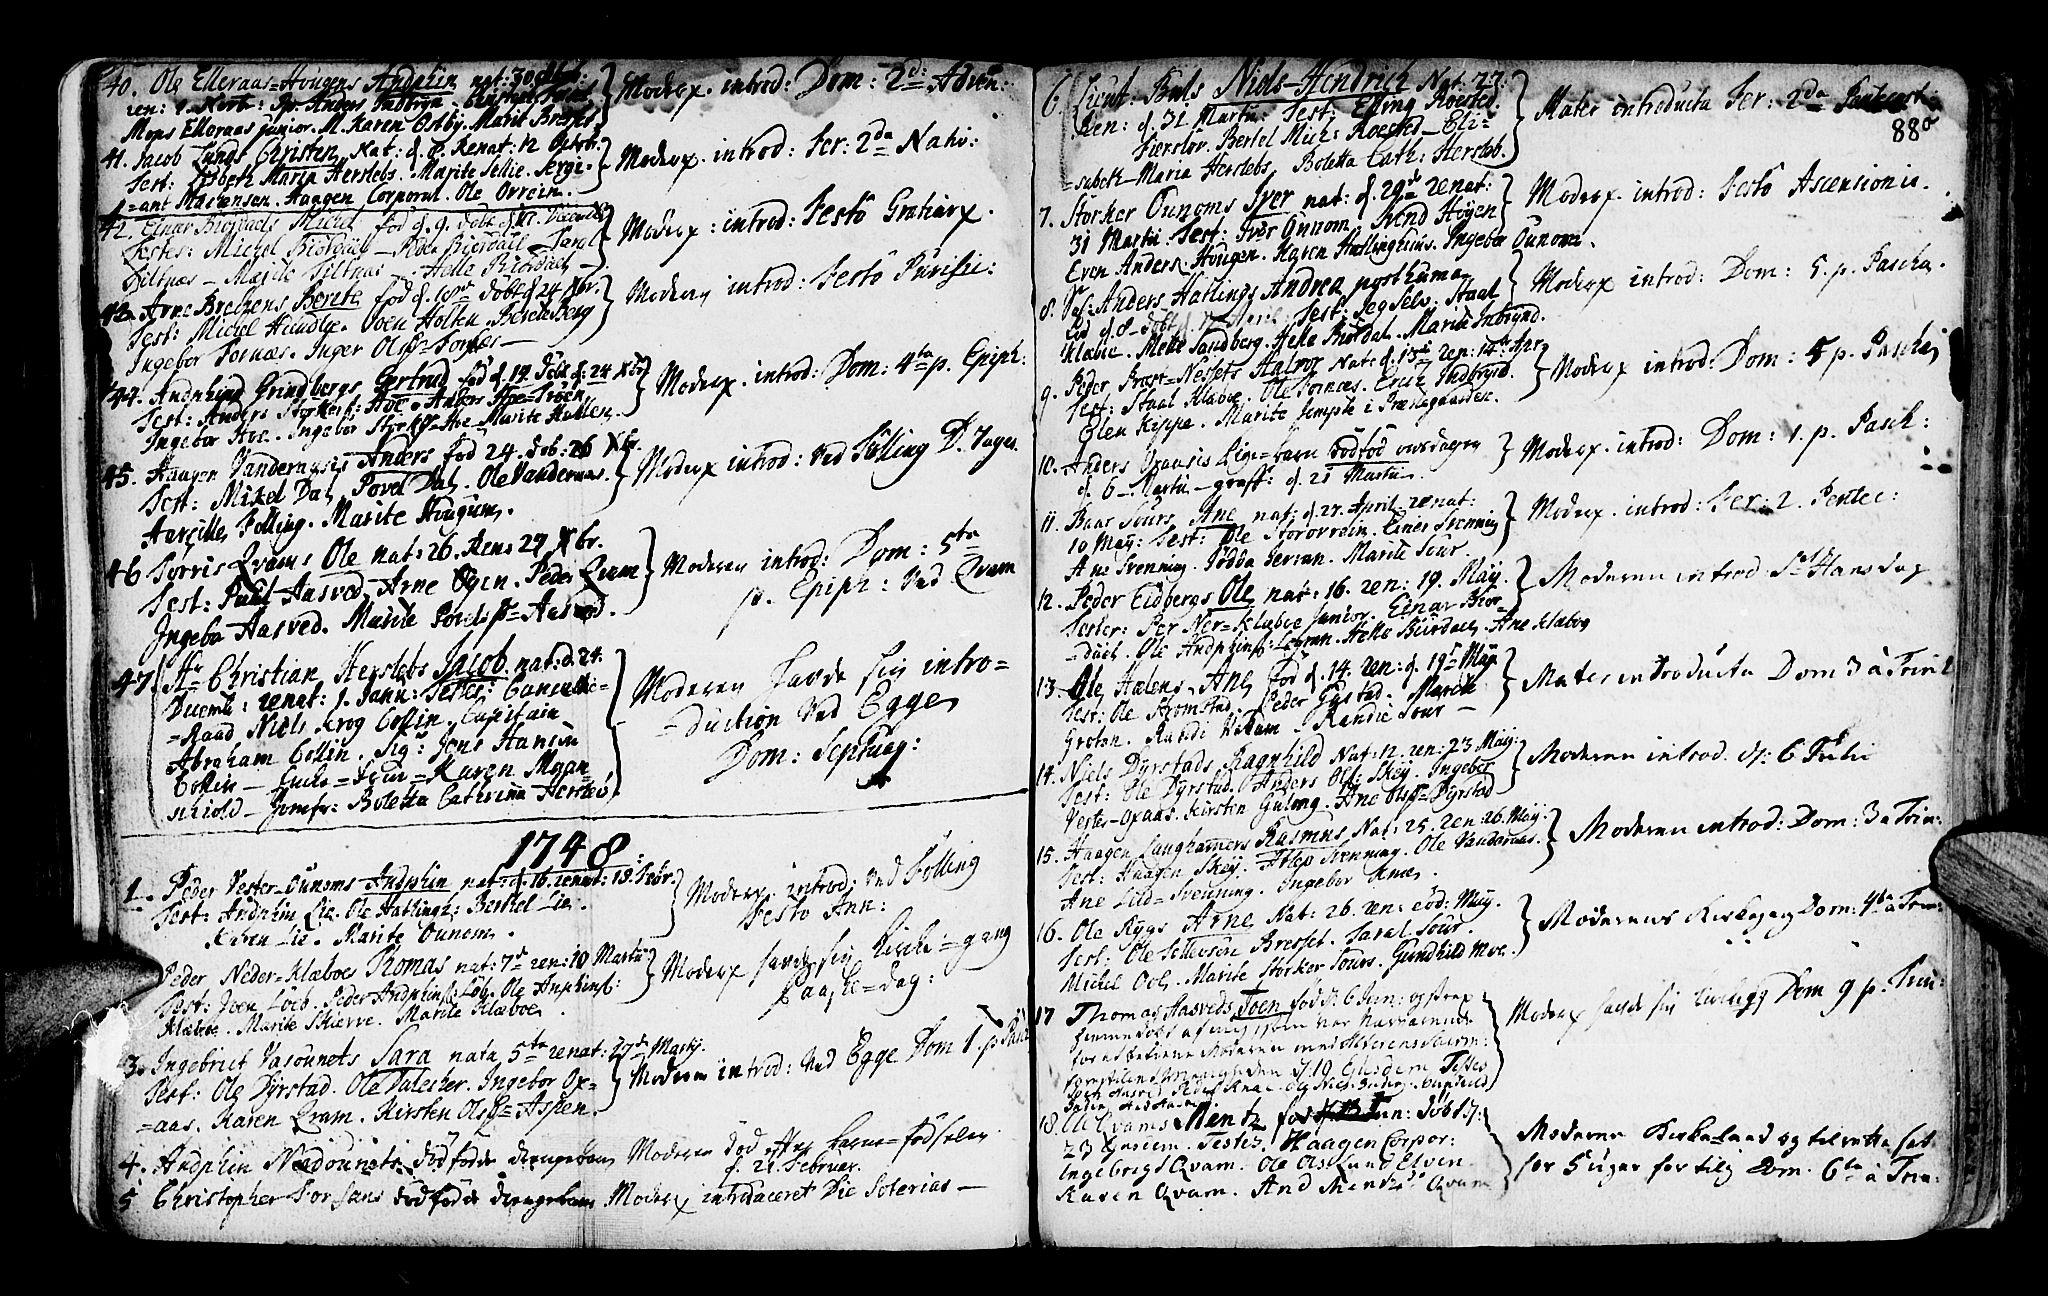 SAT, Ministerialprotokoller, klokkerbøker og fødselsregistre - Nord-Trøndelag, 746/L0439: Ministerialbok nr. 746A01, 1688-1759, s. 88o